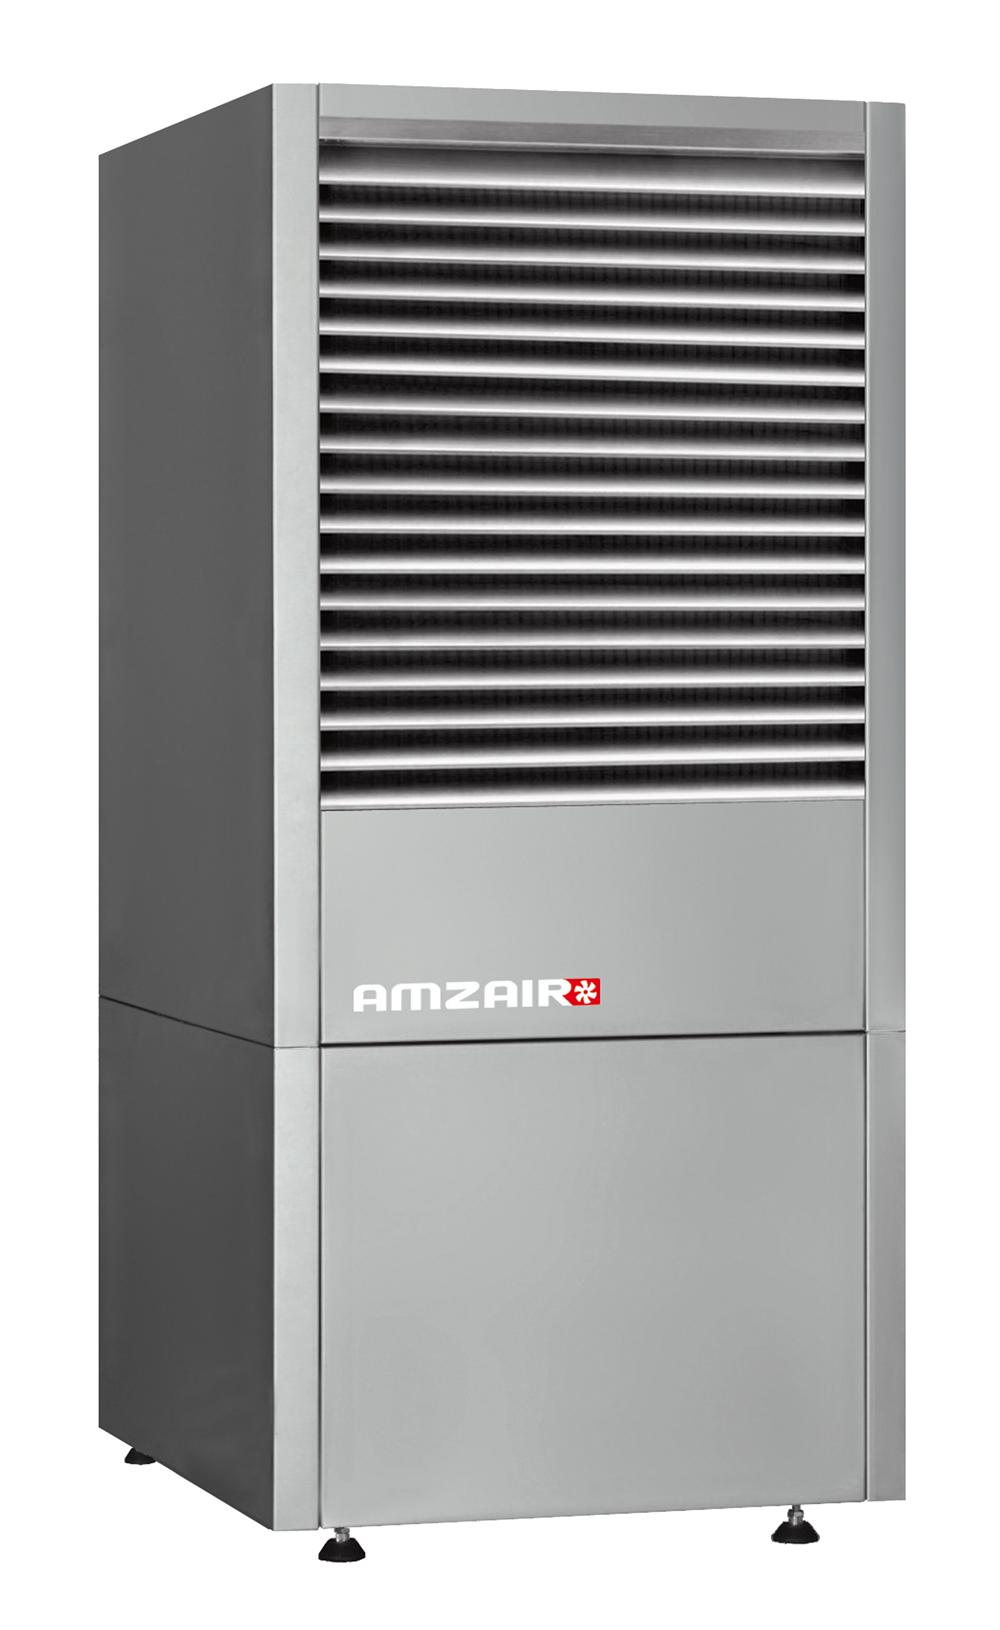 SILENZ-EXTERIEURE-BBC-AMZAIR-pompe-a-chaleur--renovation-radiateur-fonte-air-eau-aerothermie-20191812